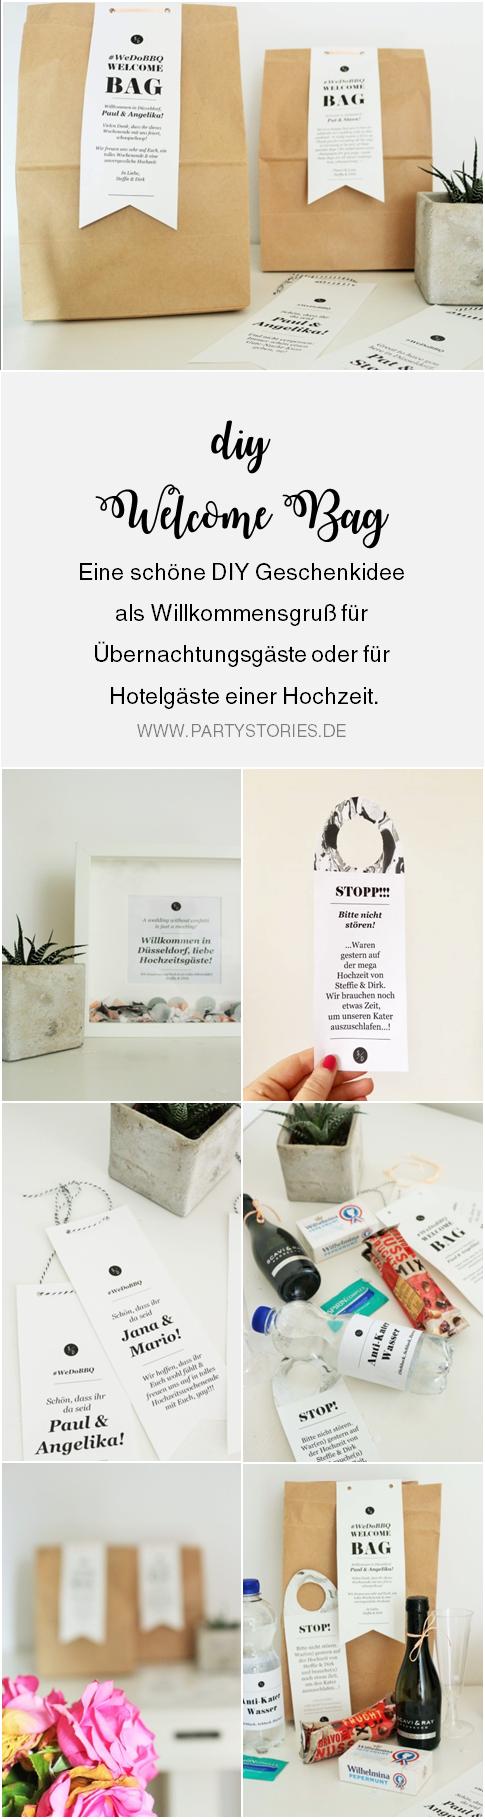 Bild: DIY Geschenk Idee für Übernachtungsgäste und Hotelgäste einer Hochzeit - Finde viele Ideen für individuelle Welcome Bags als Gastgeschenk; gefunden auf www.partystories.de